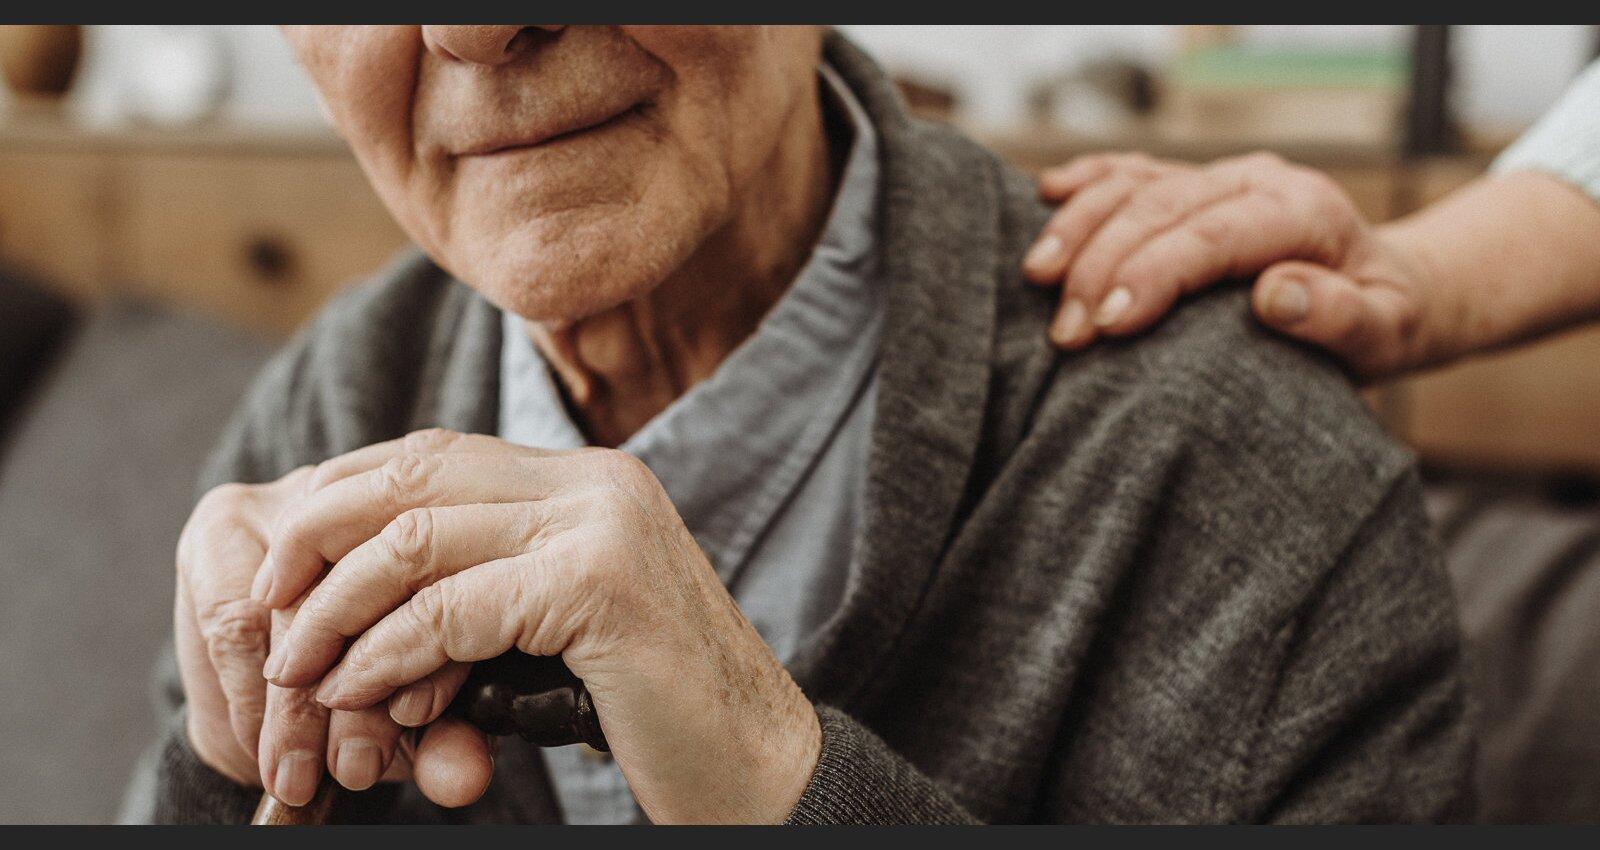 Atbalstīt, bet nelikt apsūnot dīvānā. Senioru aprūpe tuvinieku dzīvēs